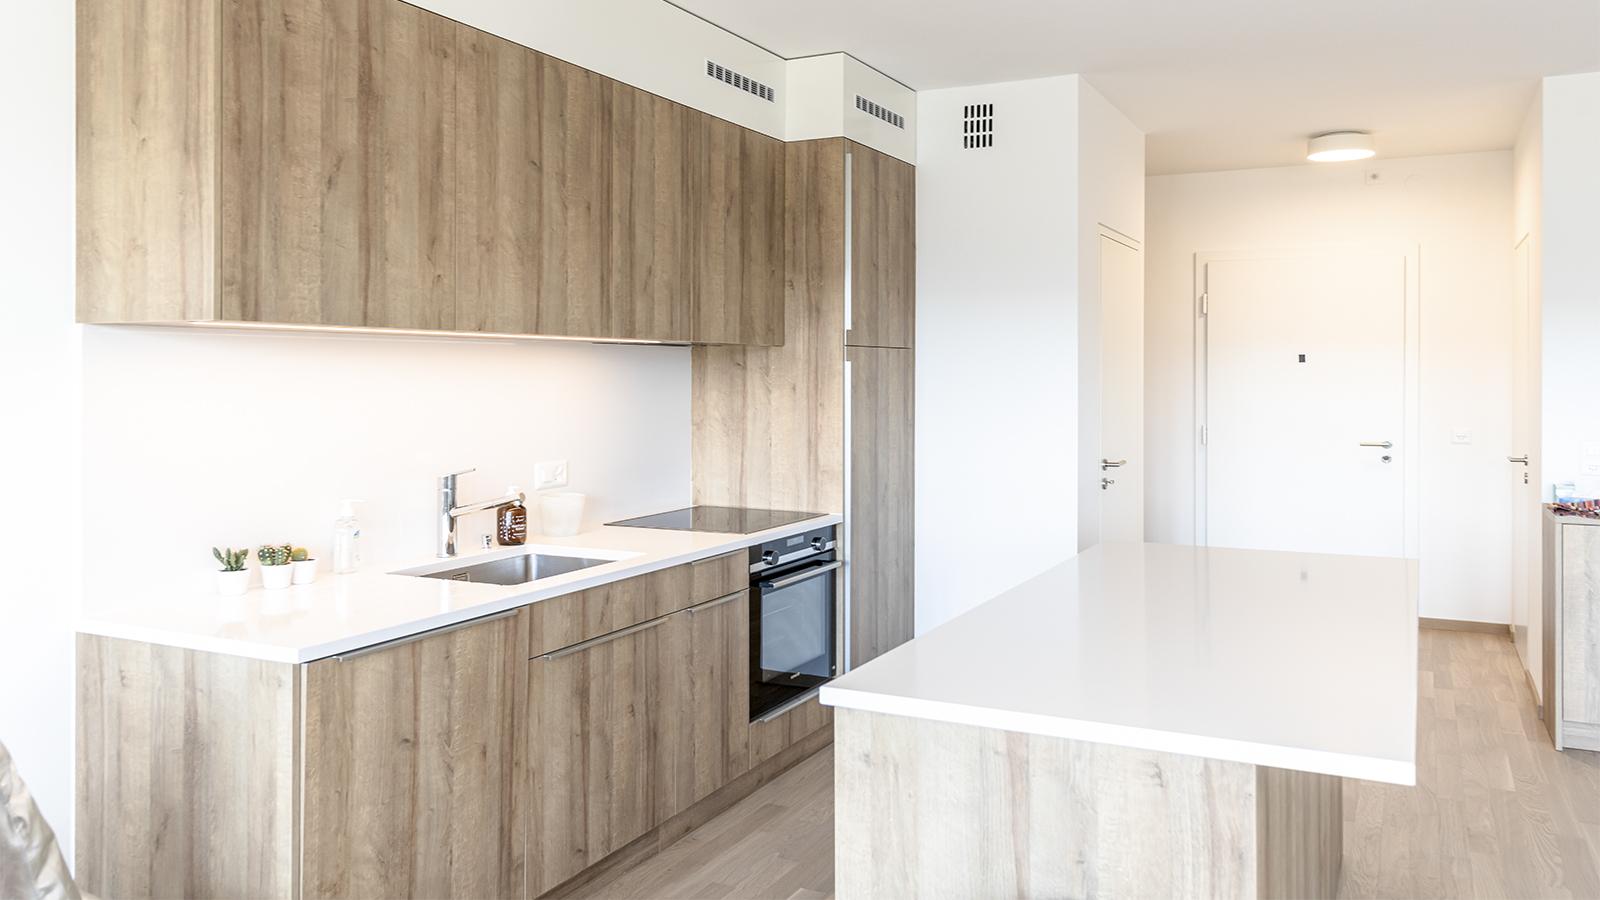 CSDK Architectes Appartement Re%CC%81novation Gene%CC%80ve 2 - Transformation d'appartements - Genève - CSDK Architectes Appartement Re%CC%81novation Gene%CC%80ve 2